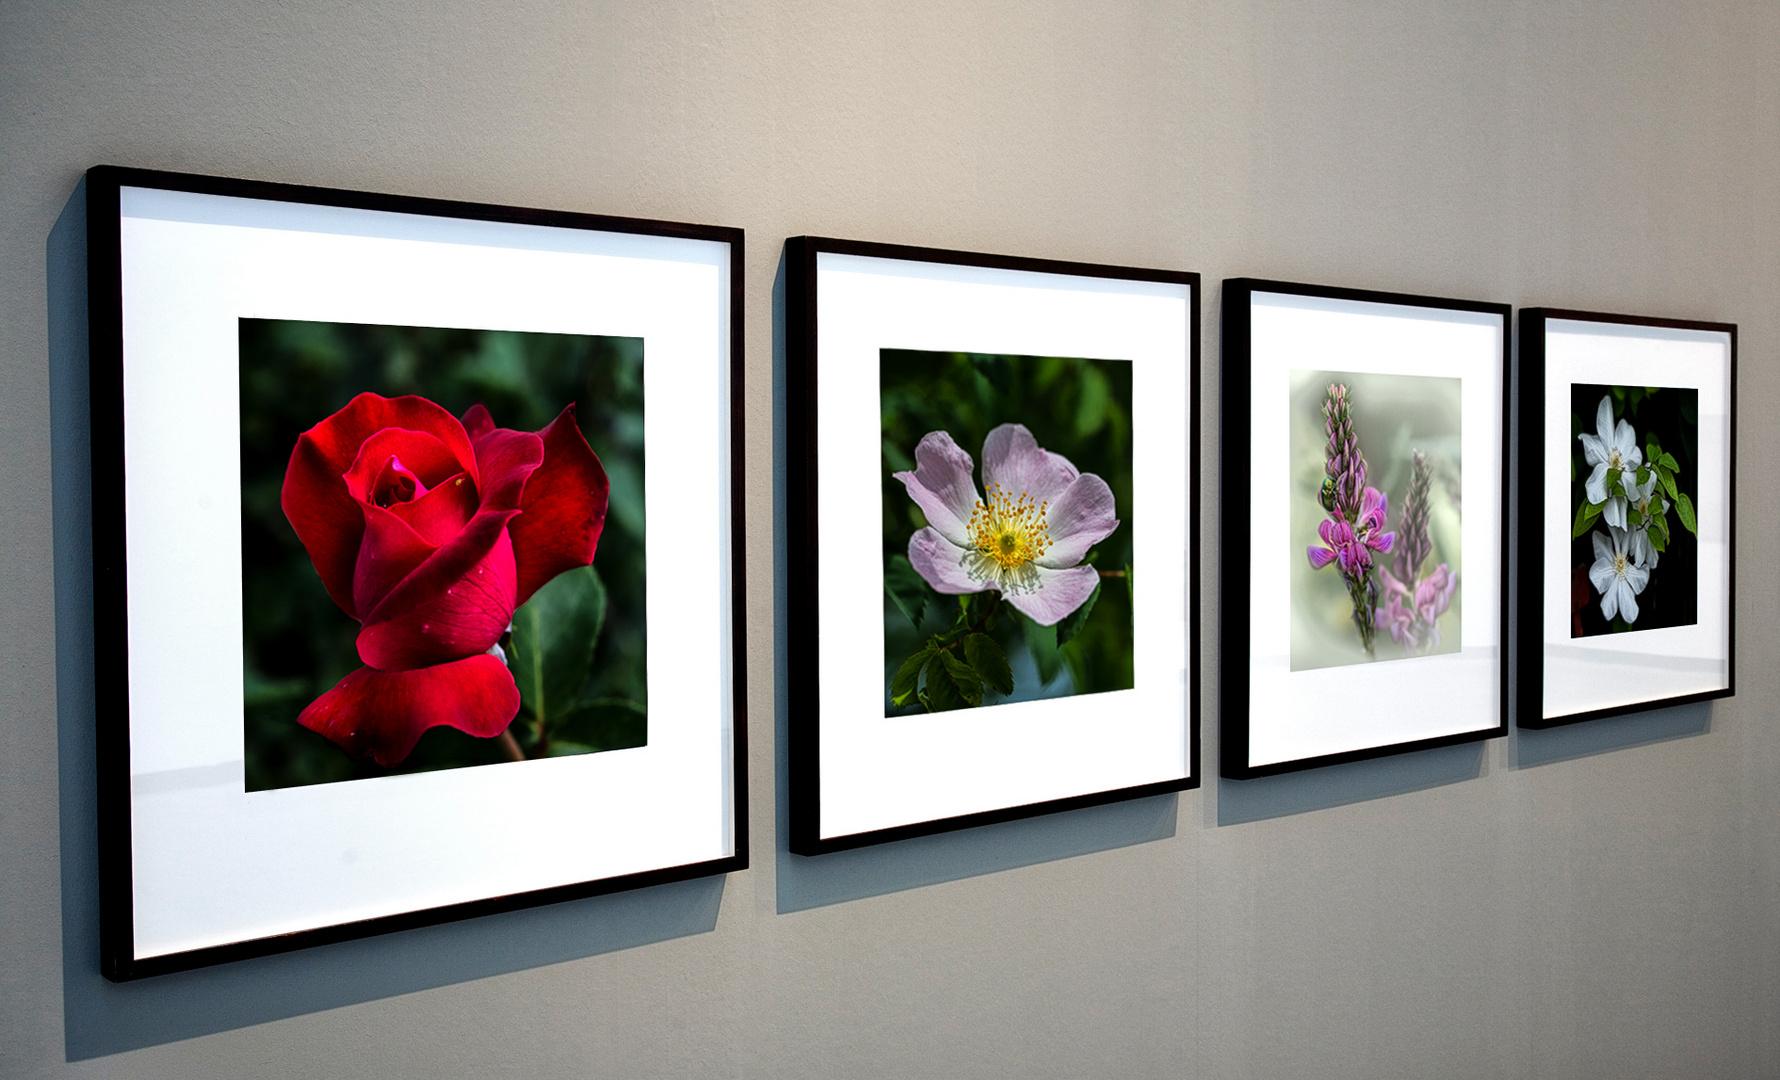 Meine Blumenbilder einmal anders dargestellt